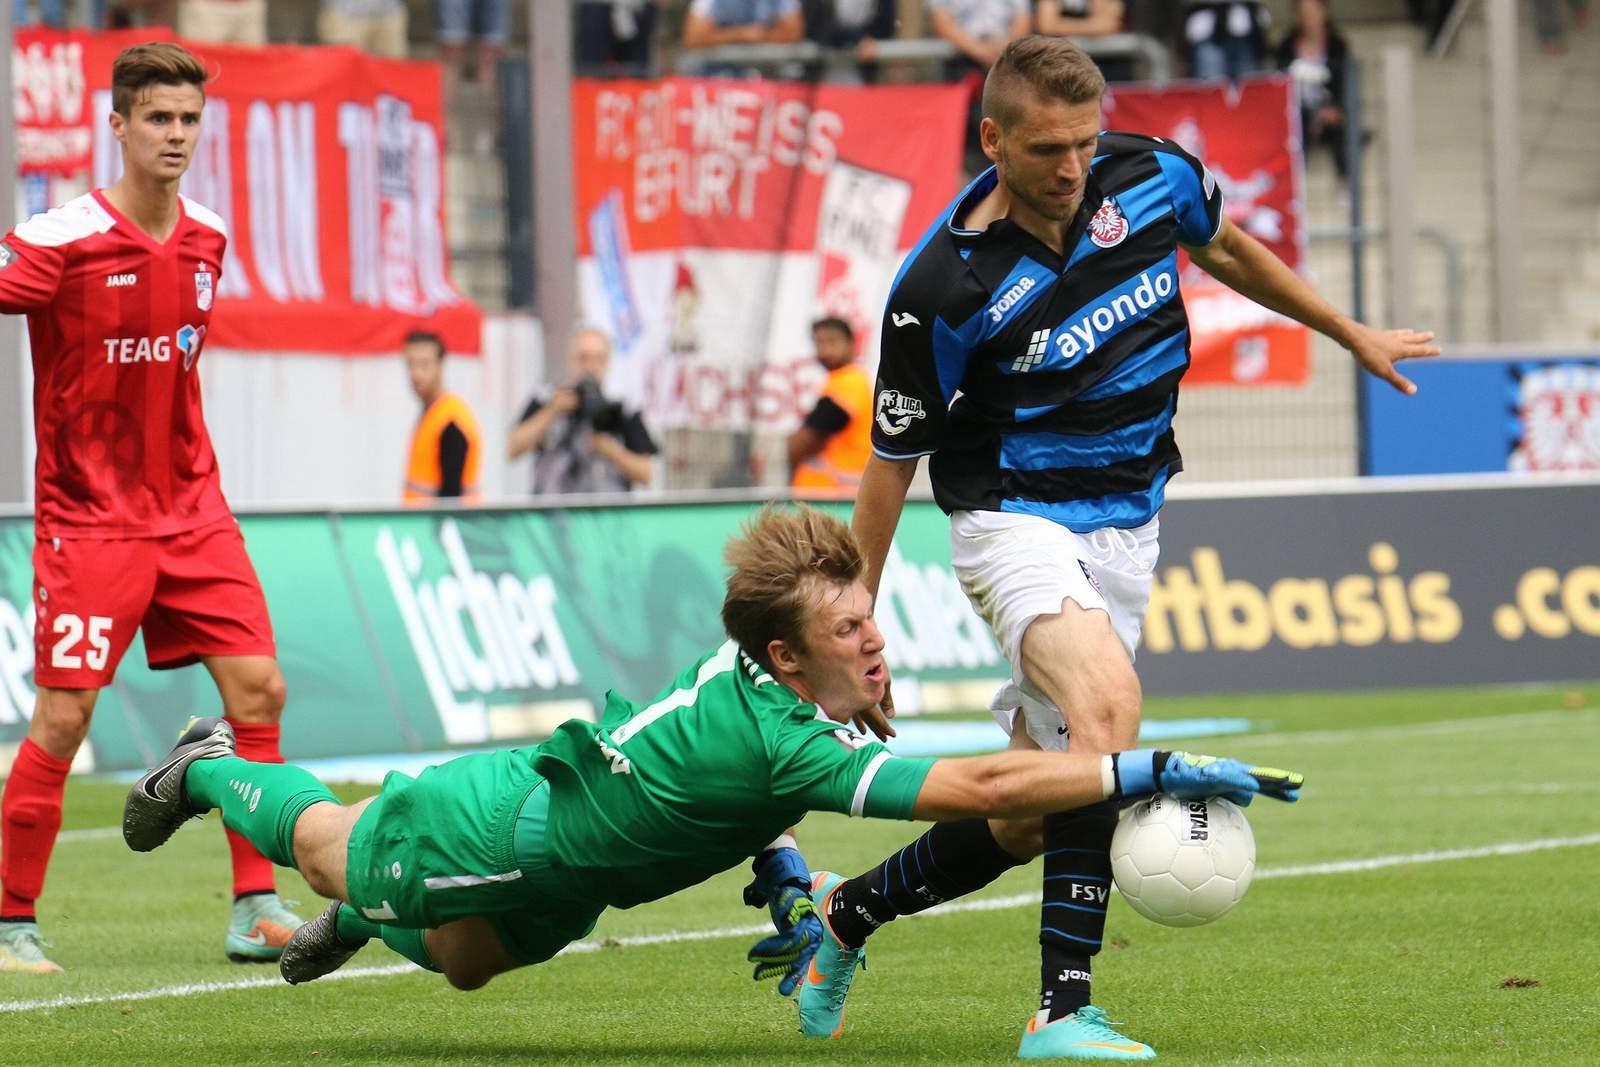 Setzt sich Klewin gegen Jovanovic durch? Jetzt auf Erfurt gegen FSV Frankfurt wetten